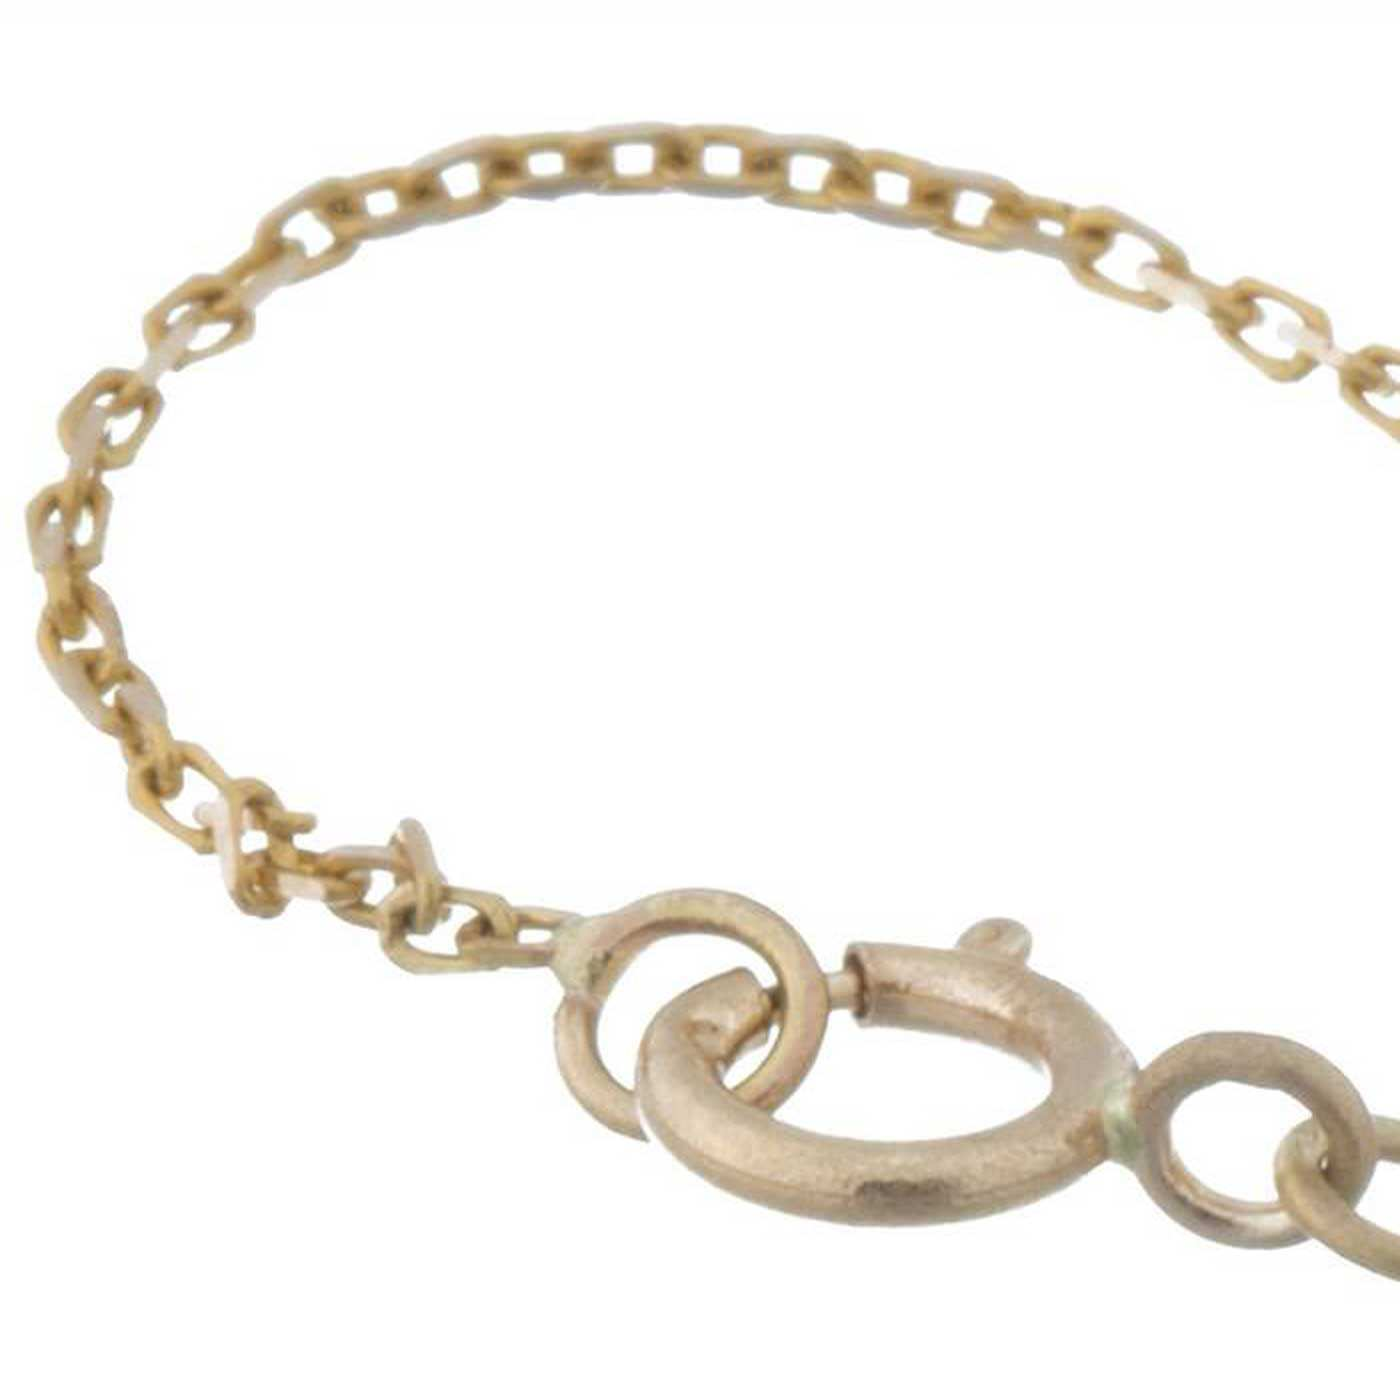 آویز ساعت طلا 18 عیار زنانه کانیار گالری کد AS154 -  - 3